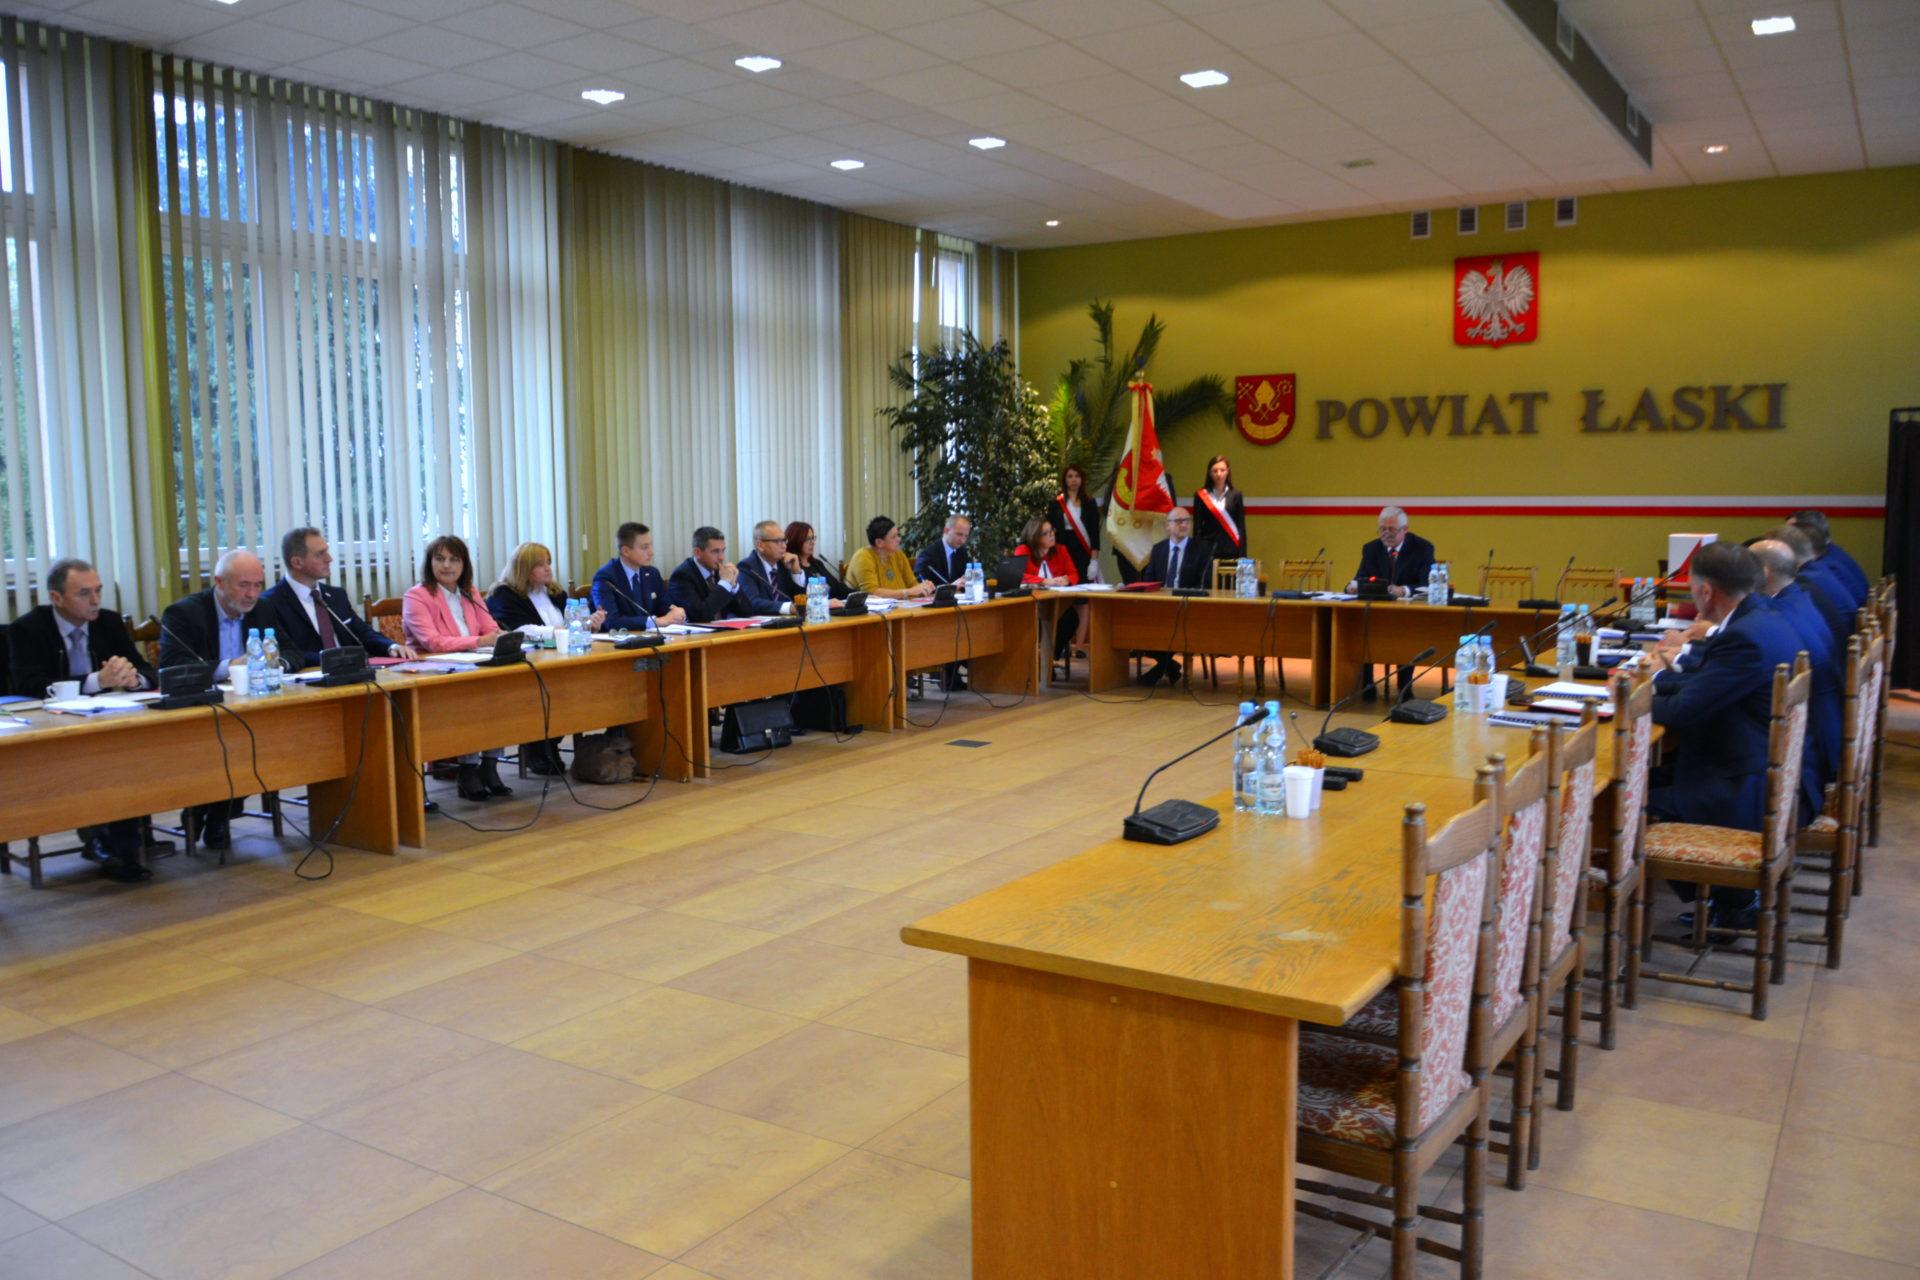 III Sesja Rady Powiatu Łaskiego